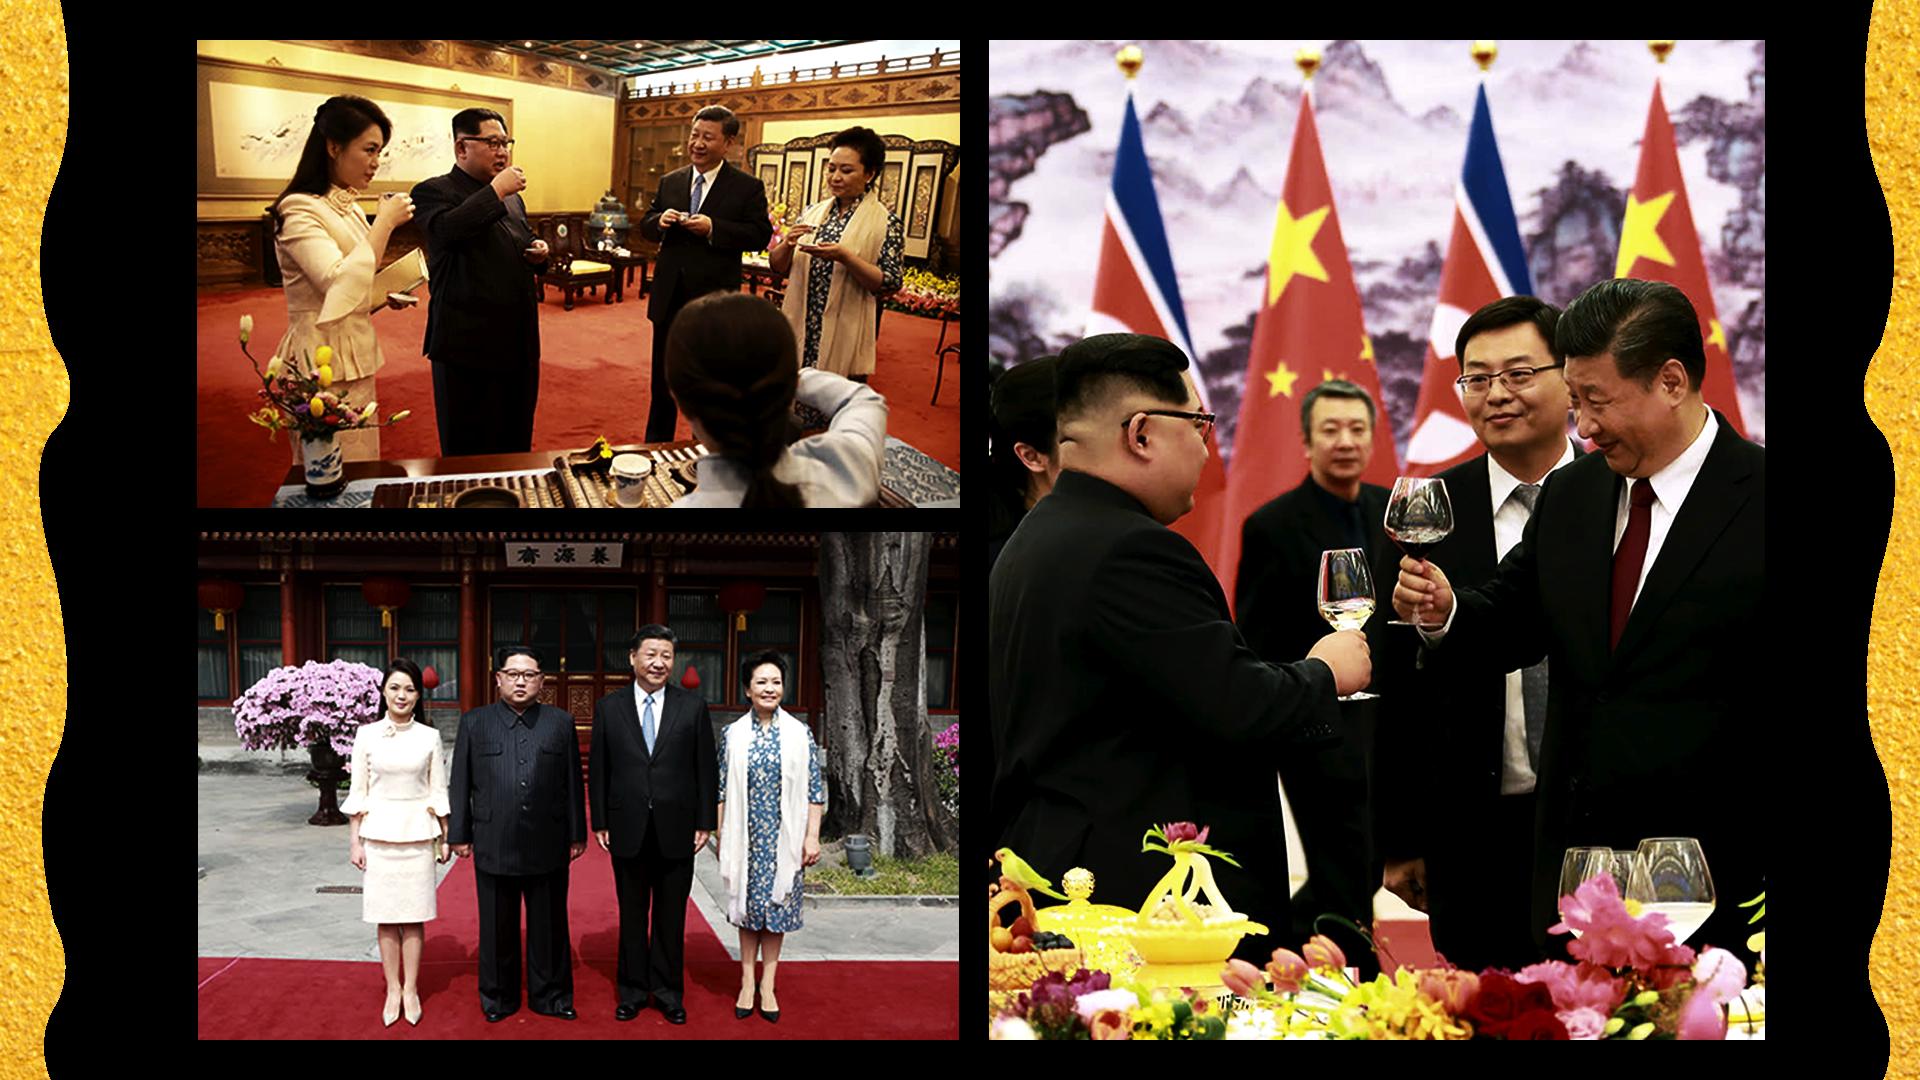 Triều Tiên và 'ván cờ' lớn giữa Mỹ - Trung Quốc - ảnh 4